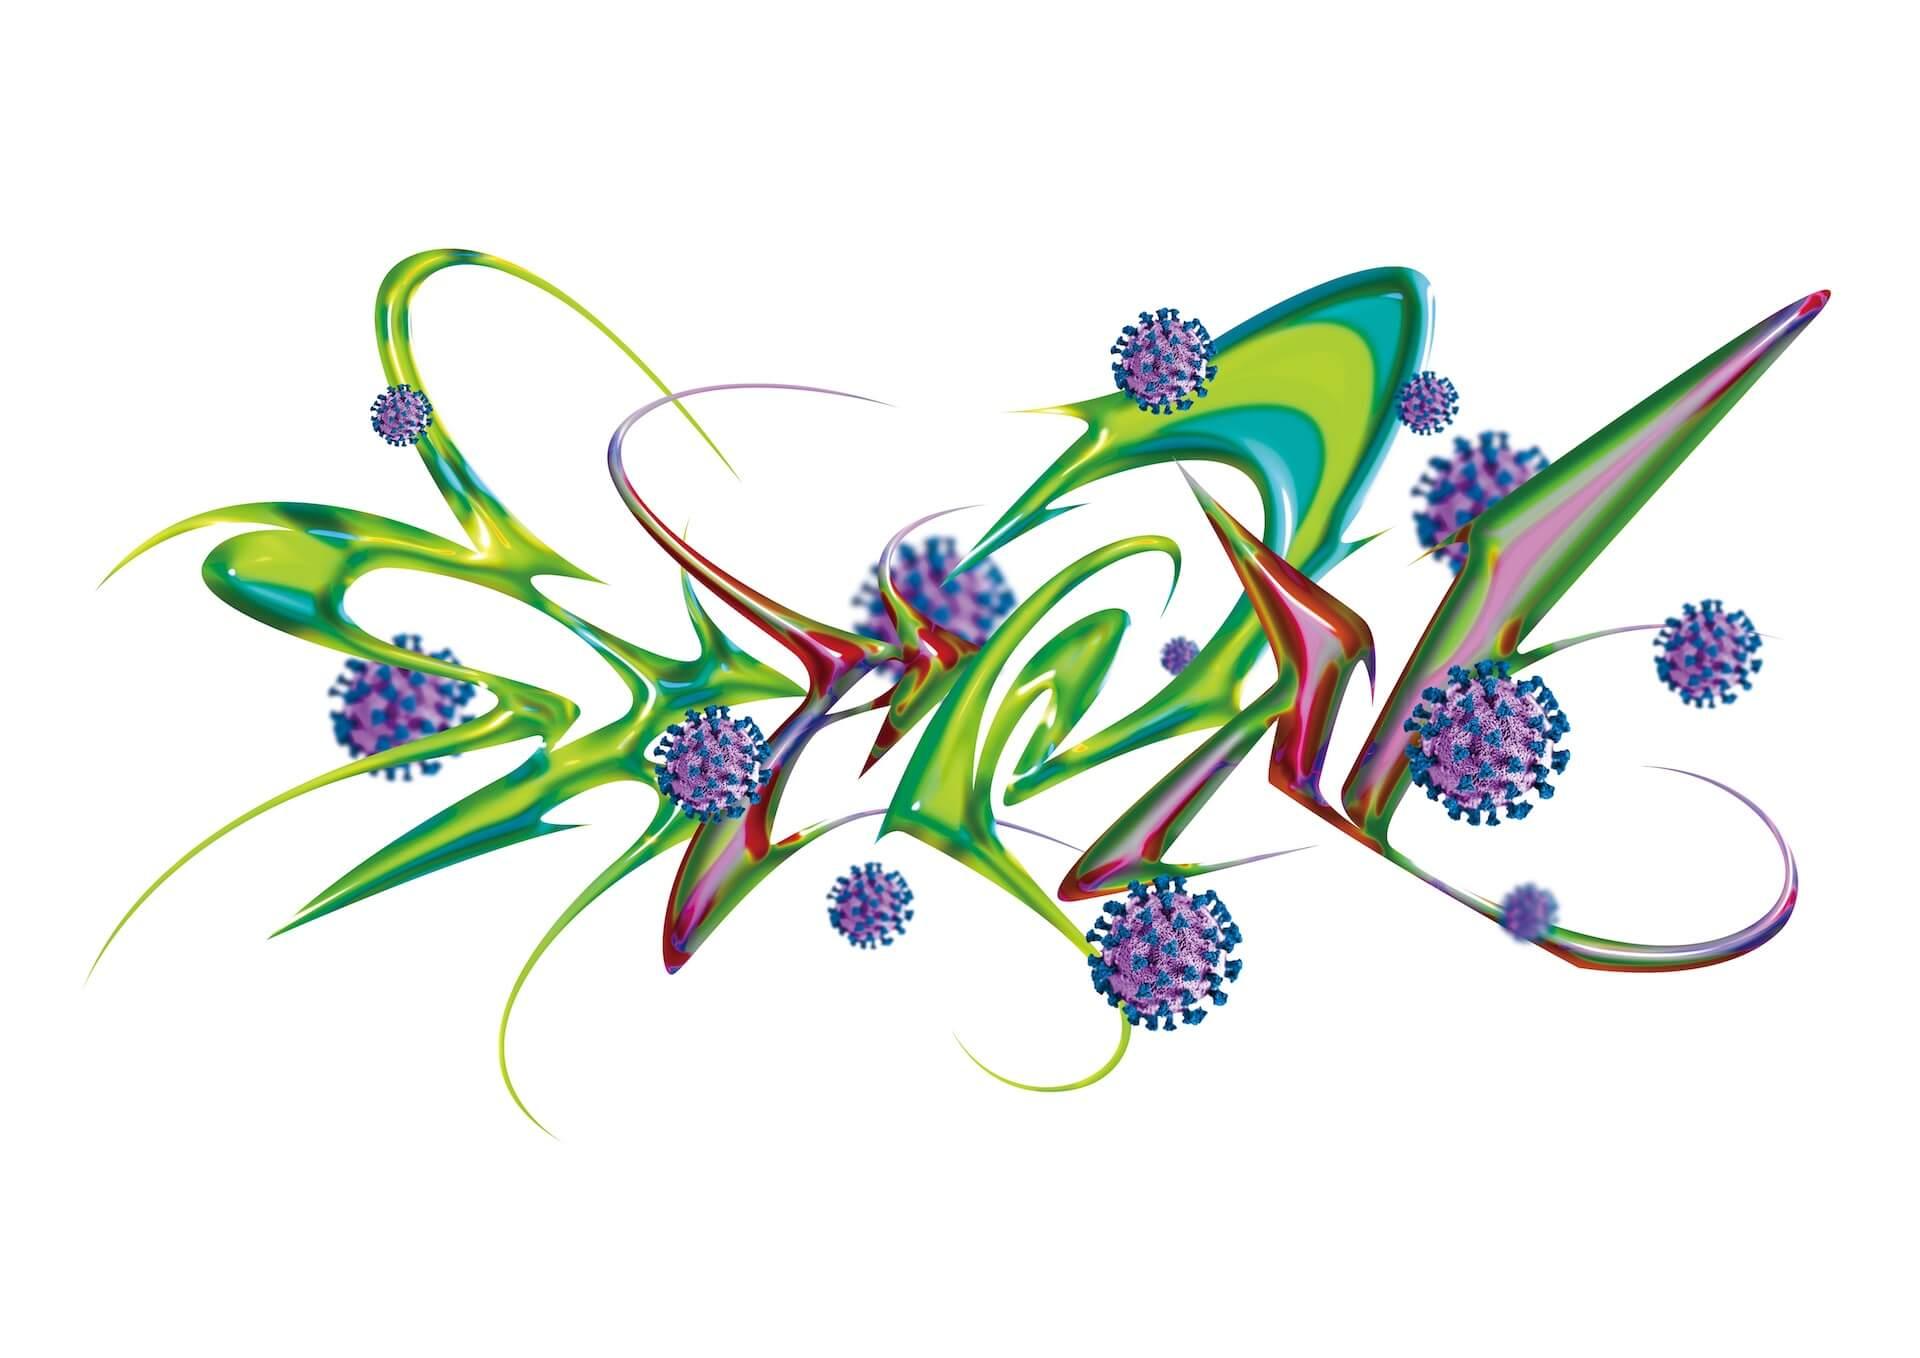 ストリートカルチャーマガジン『DAWN』の特別号が発売決定|tofubeats、マヒトゥ・ザ・ピーポー、Mars89、釈迦坊主らのコロナ禍中を記録 art200814_dawn_10